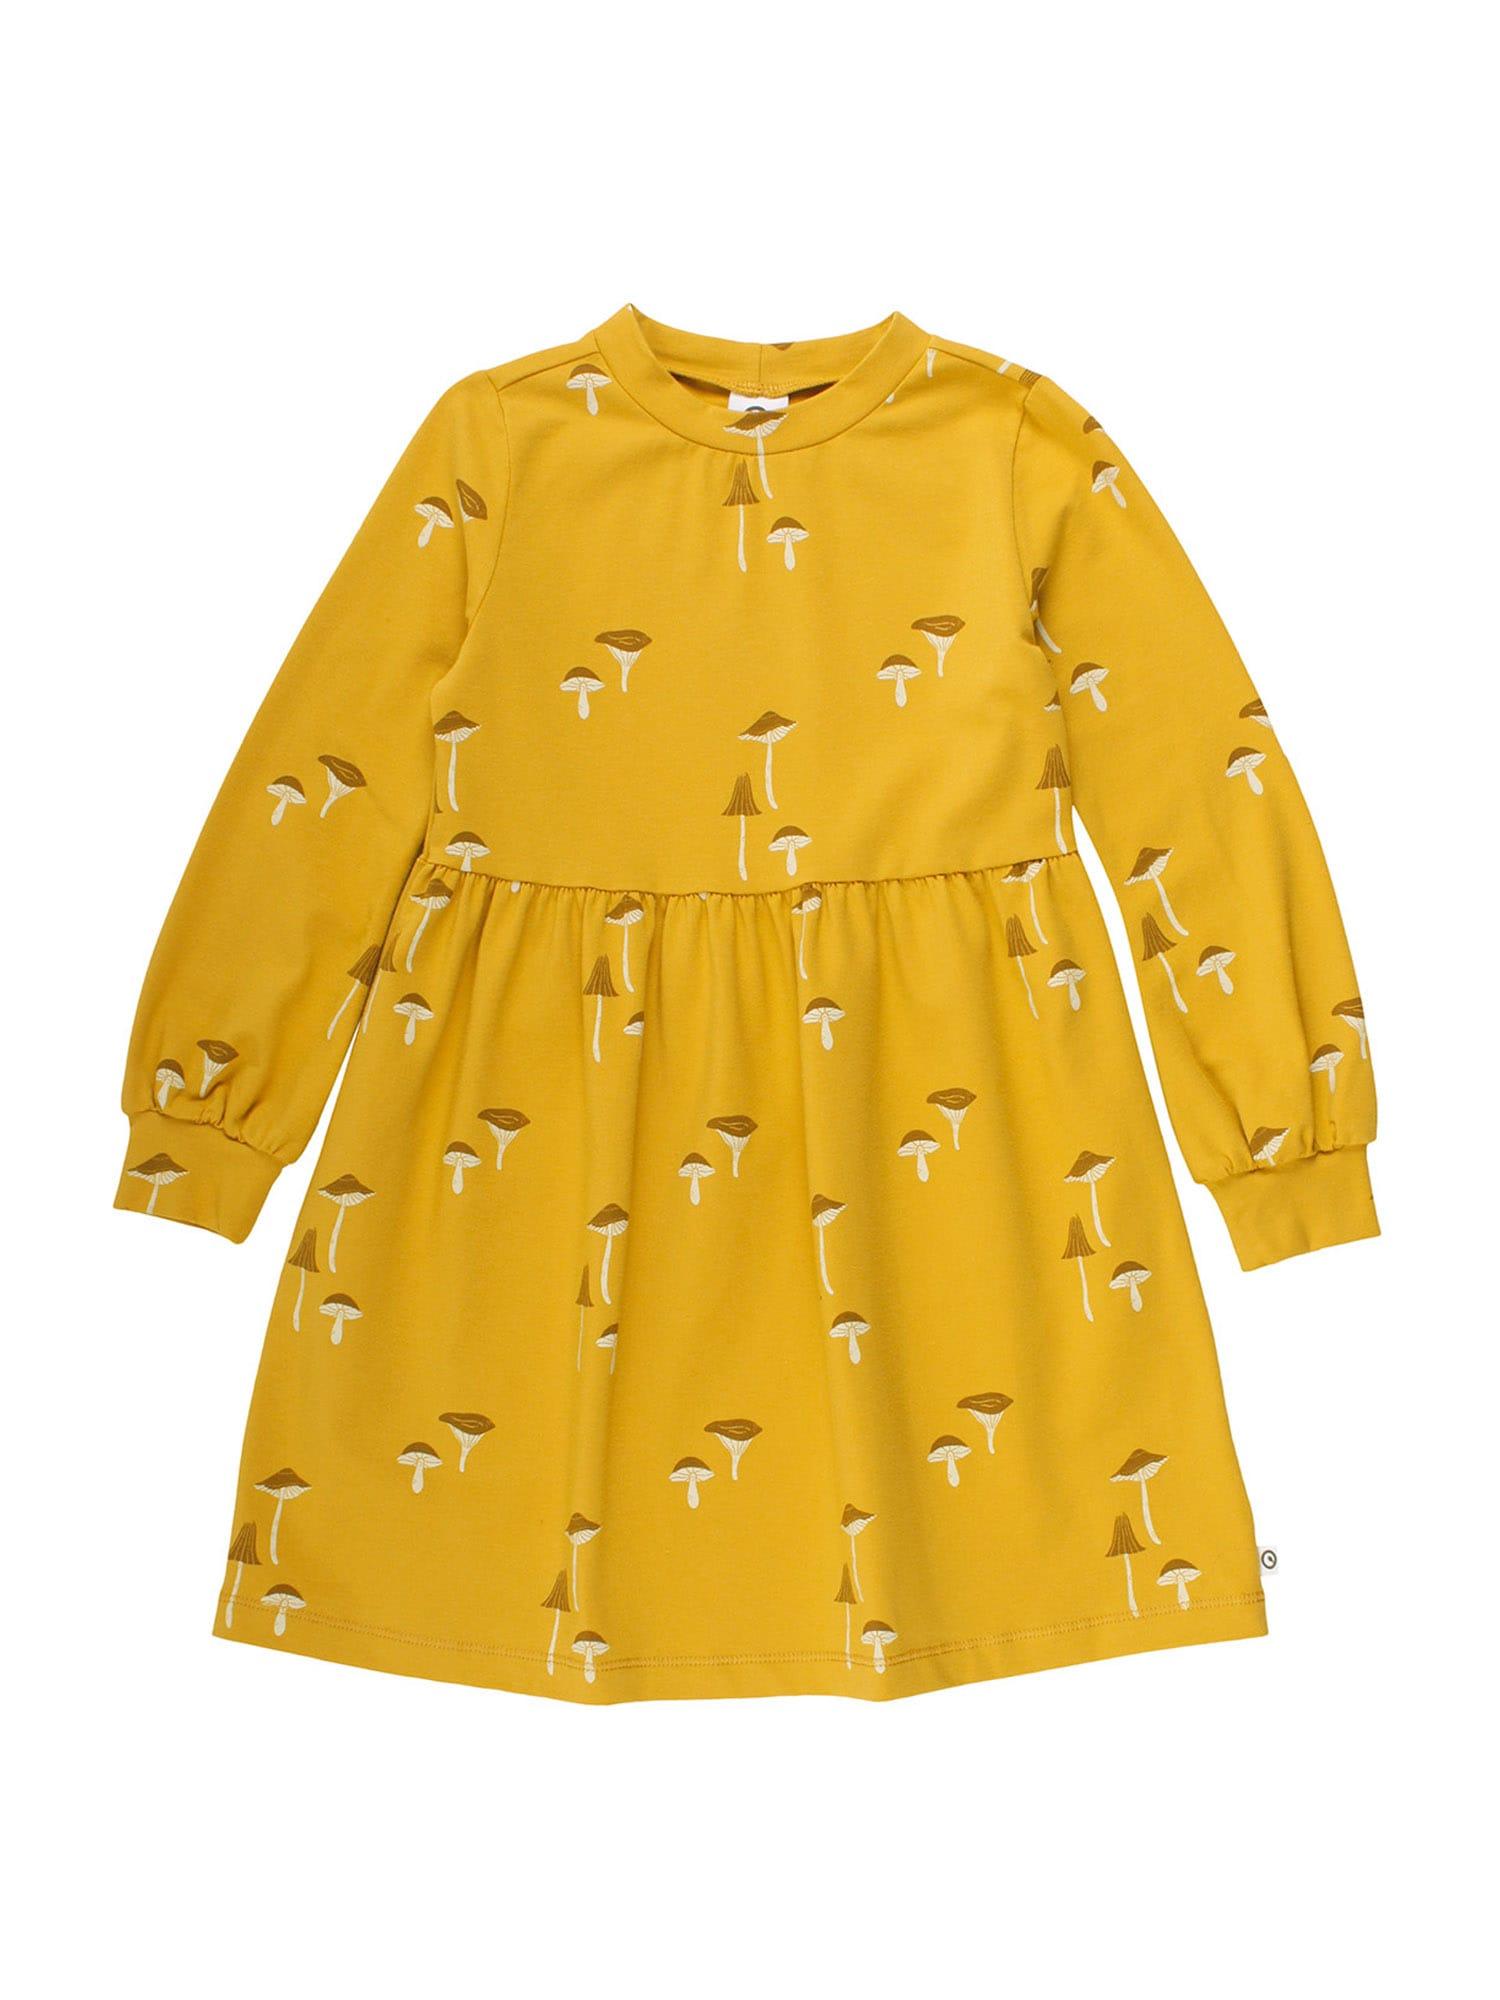 Müsli by GREEN COTTON Suknelė aukso geltonumo spalva / šviesiai geltona / kario spalva